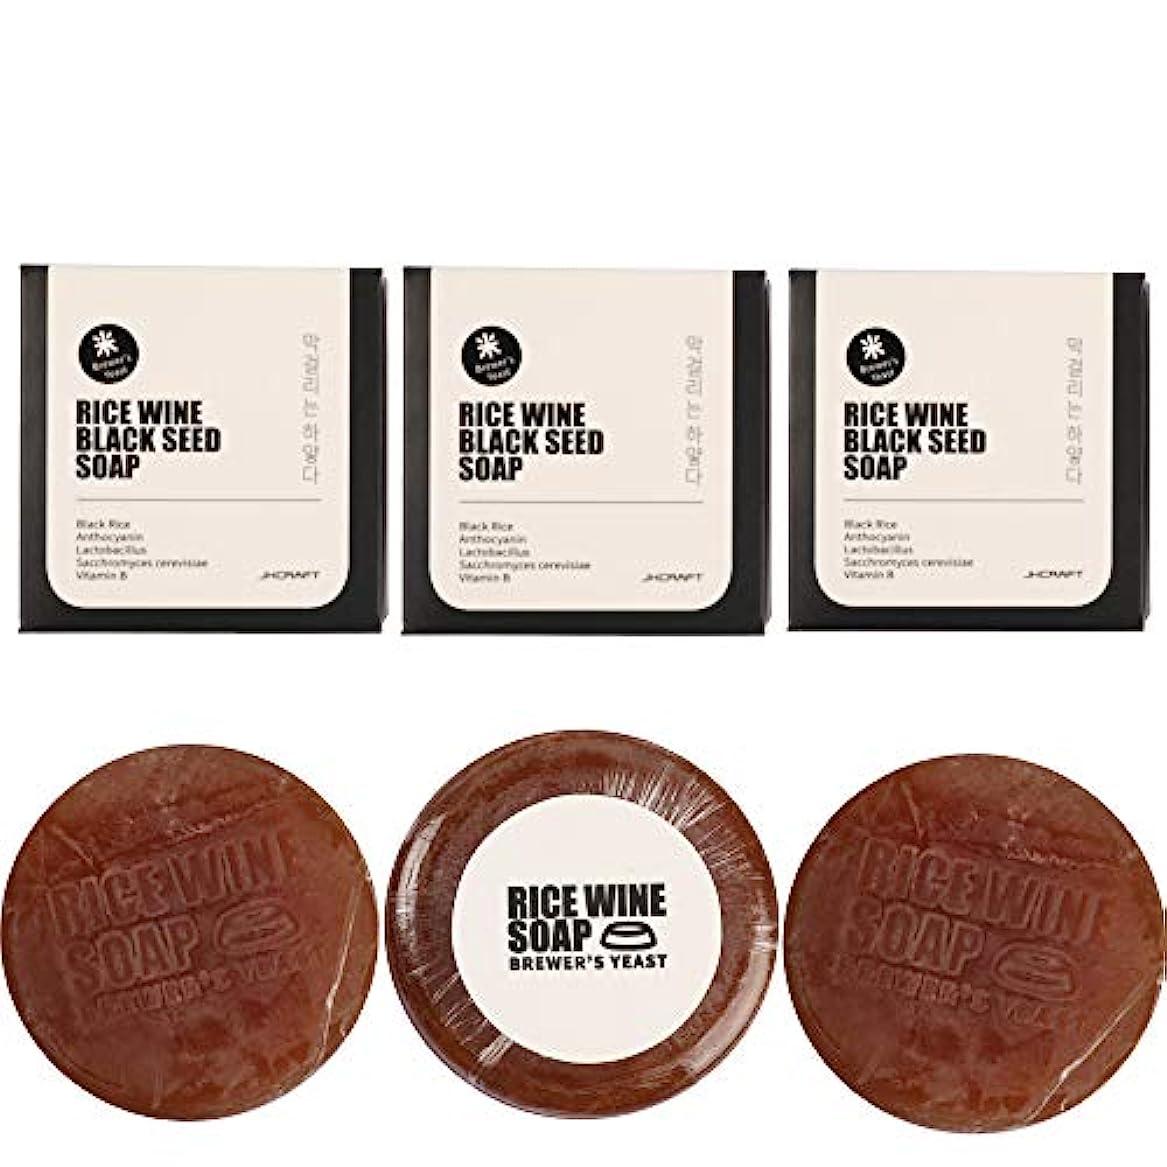 特殊交差点数JKCRAFT RICEWINE BLACK SEED SOAP 黒米マッコリ酵母石鹸,無添加,無刺激,天然洗顔石鹸 3pcs [並行輸入品]